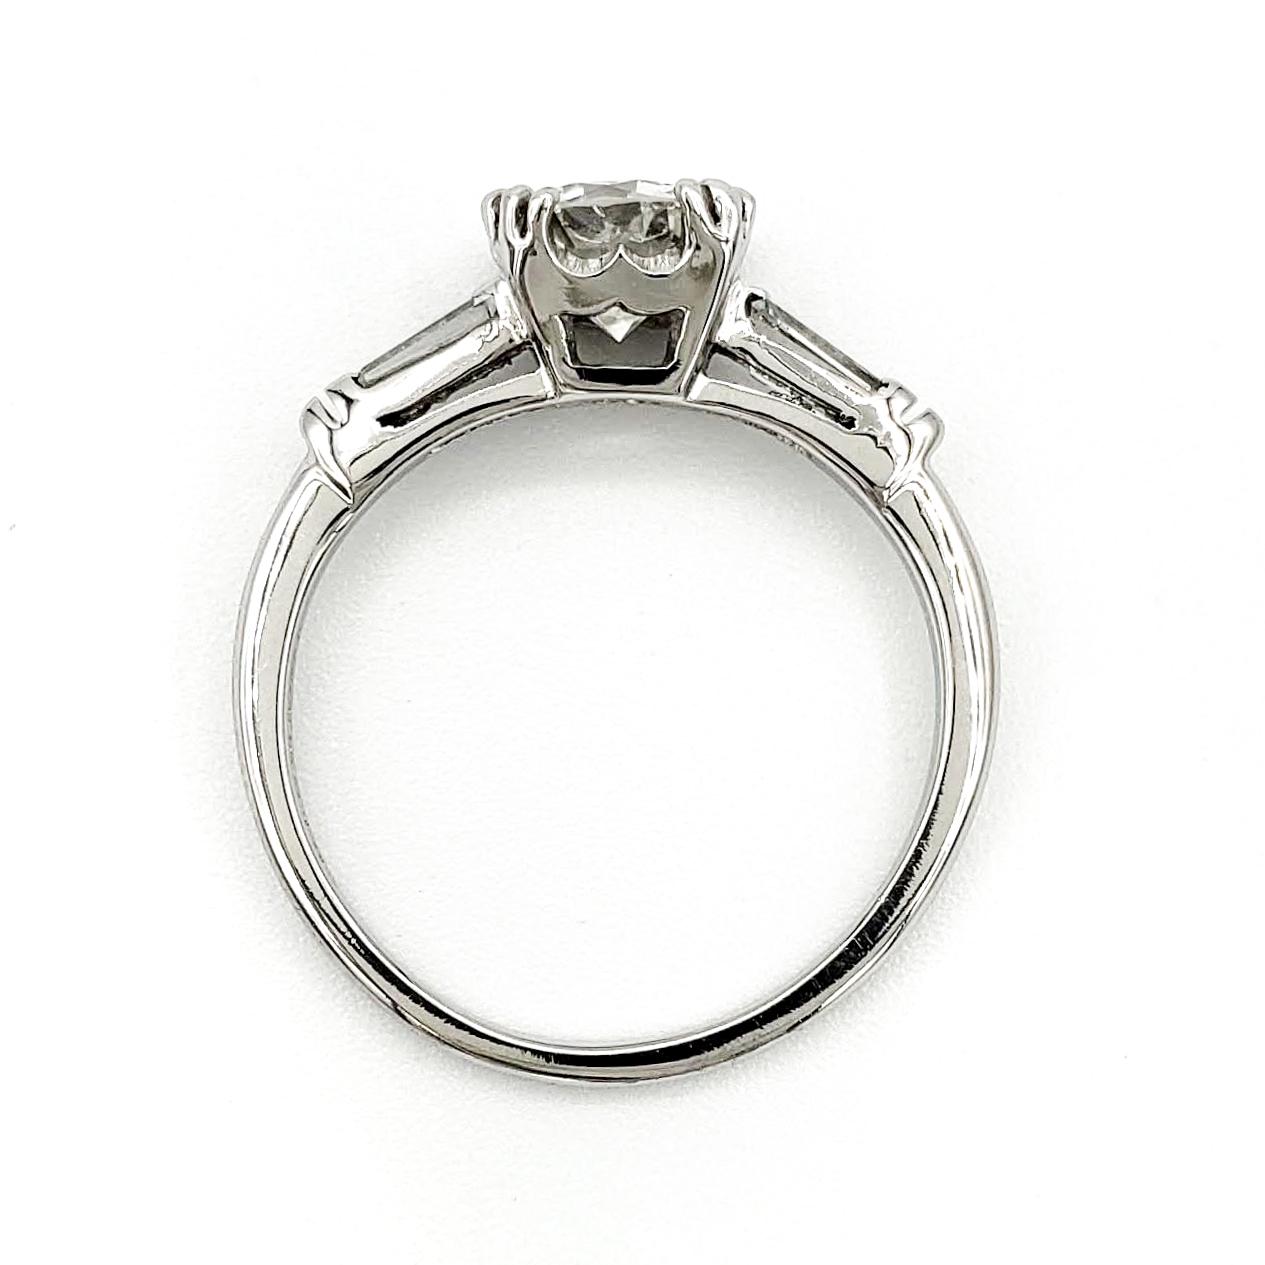 vintage-platinum-engagement-ring-with-0-87-carat-round-brilliant-cut-diamond-egl-h-vs1